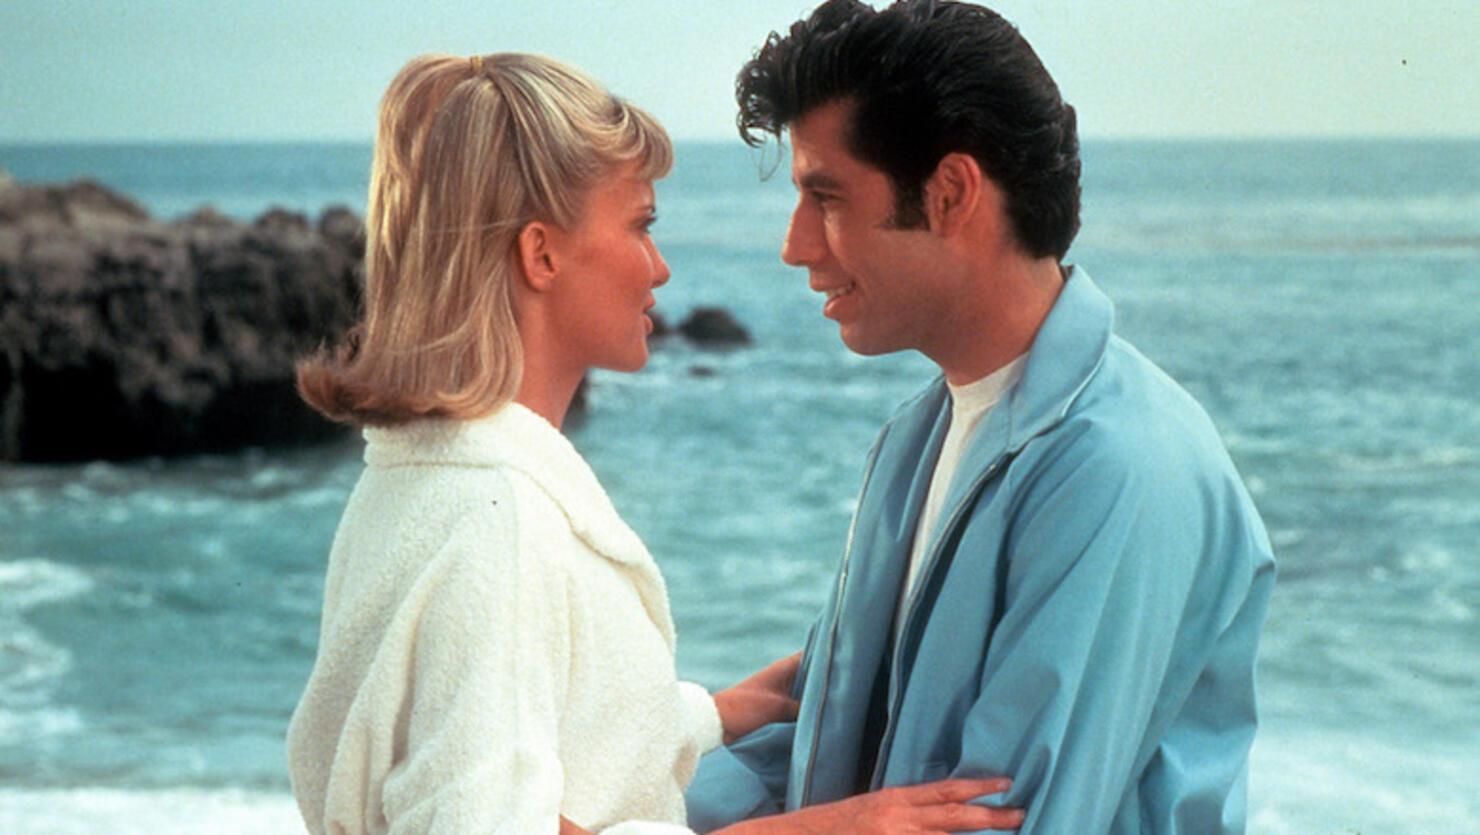 Olivia Newton John And John Travolta In 'Grease'